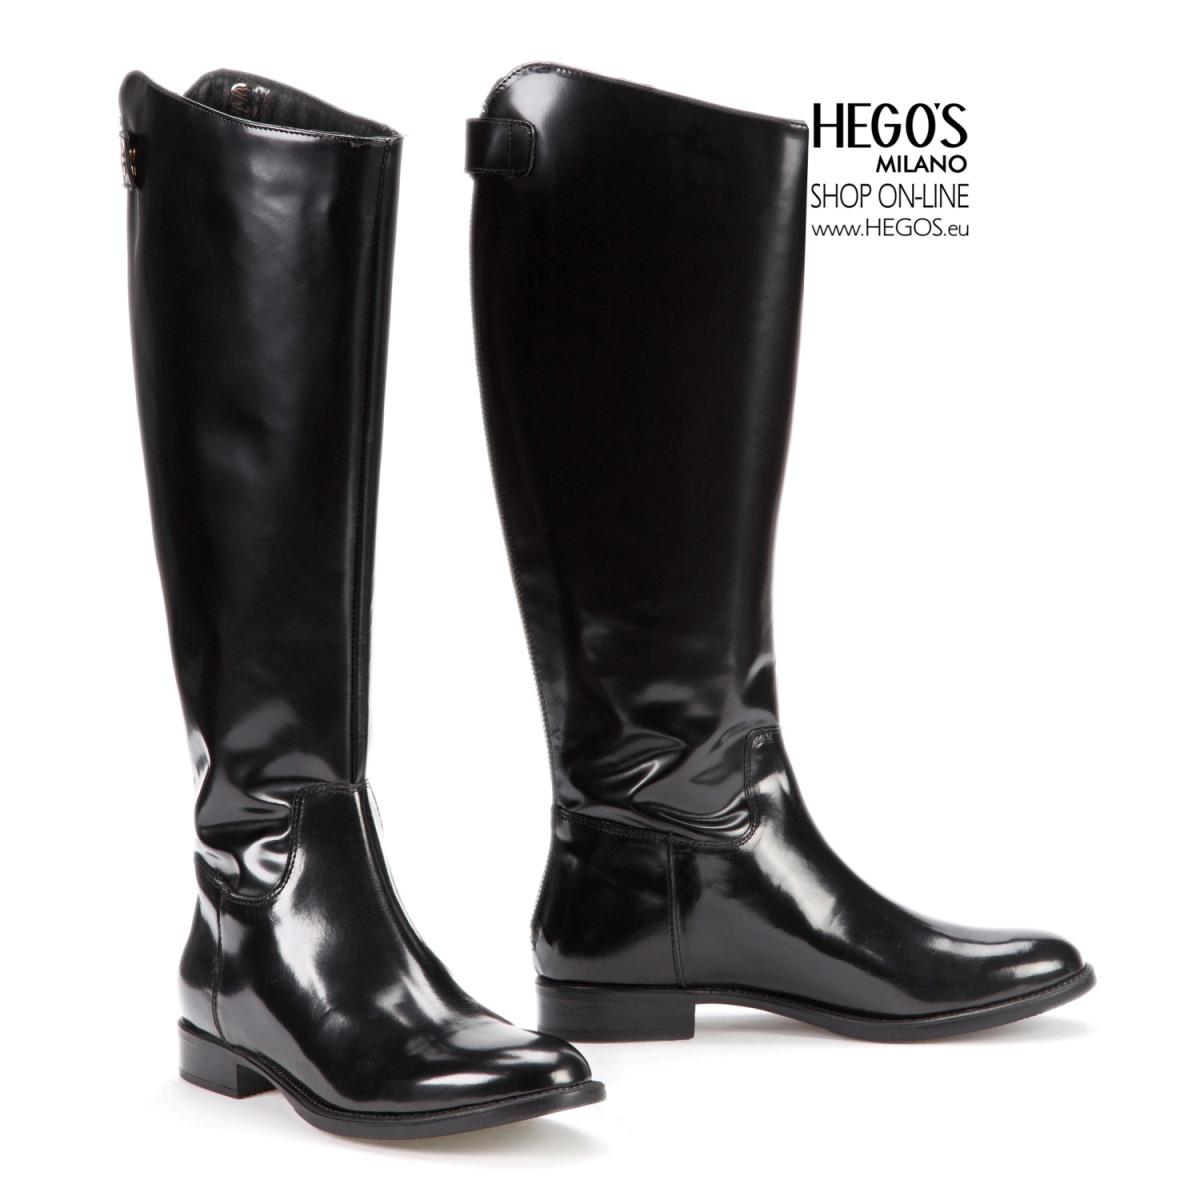 HEGOS_32697_abrasivato_nero_HEGOS_MILANO_03_649